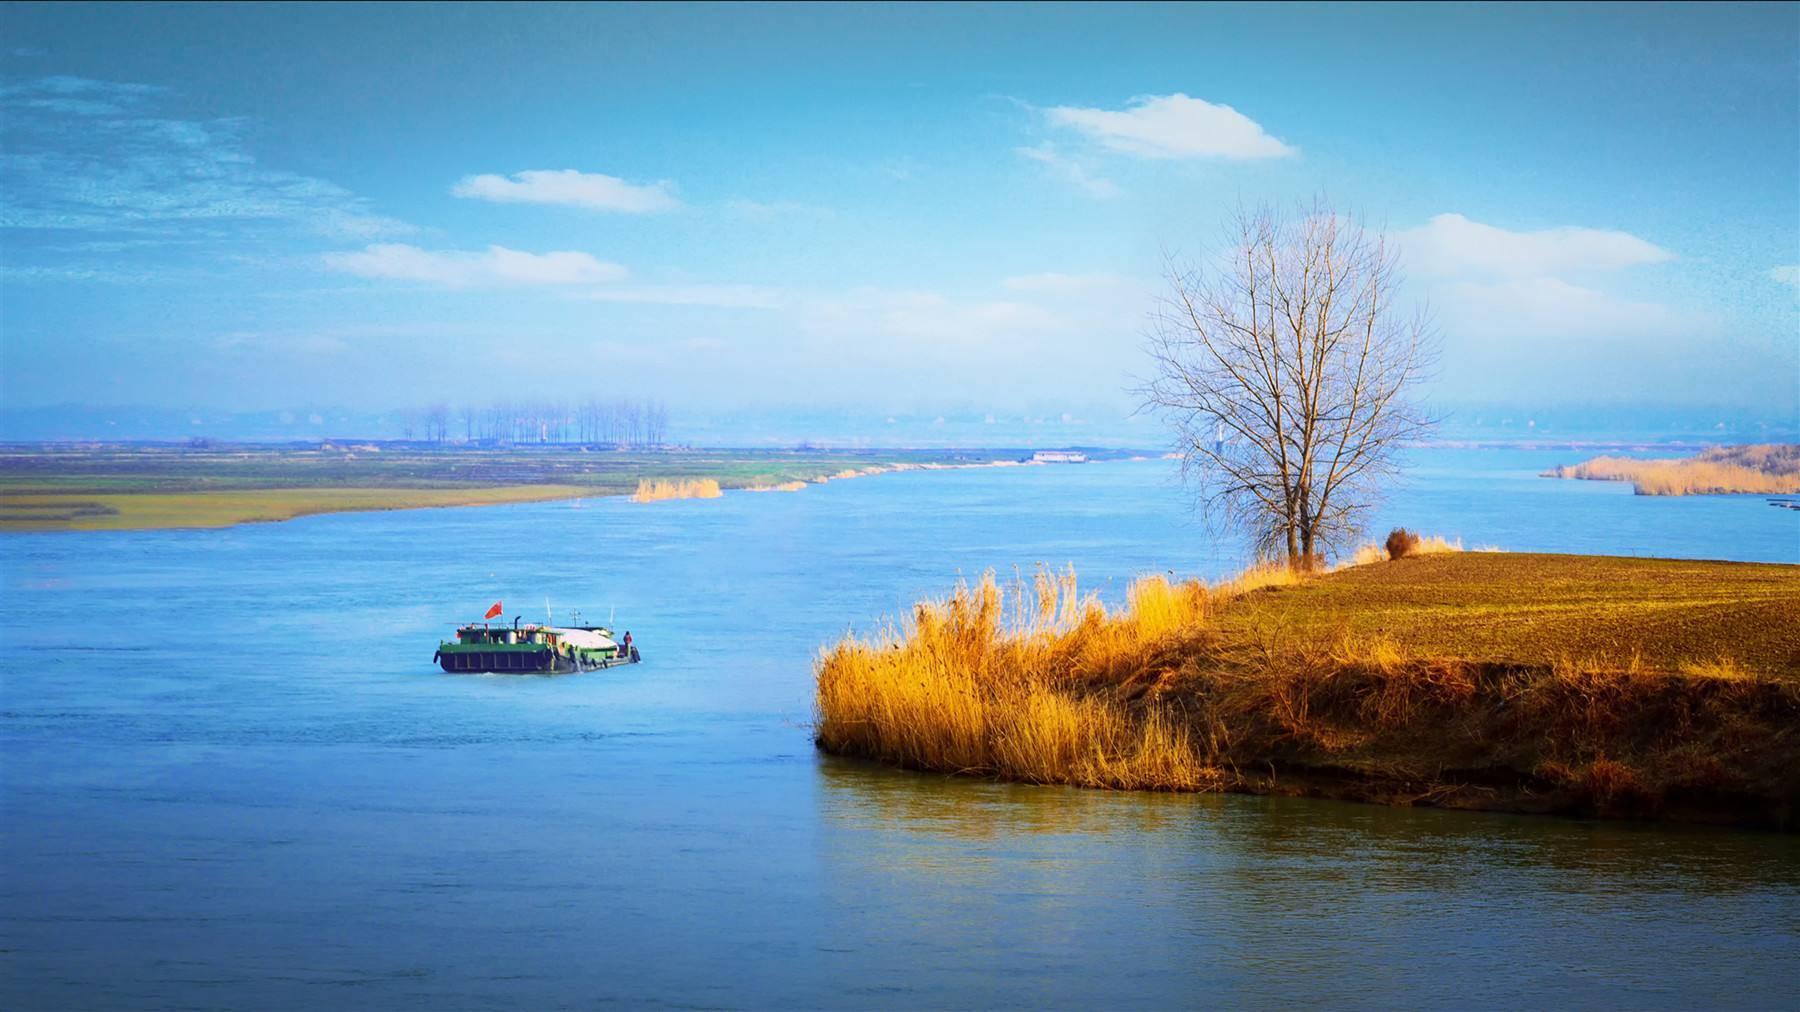 中国湖泊面积排名(中国湖泊前100名)